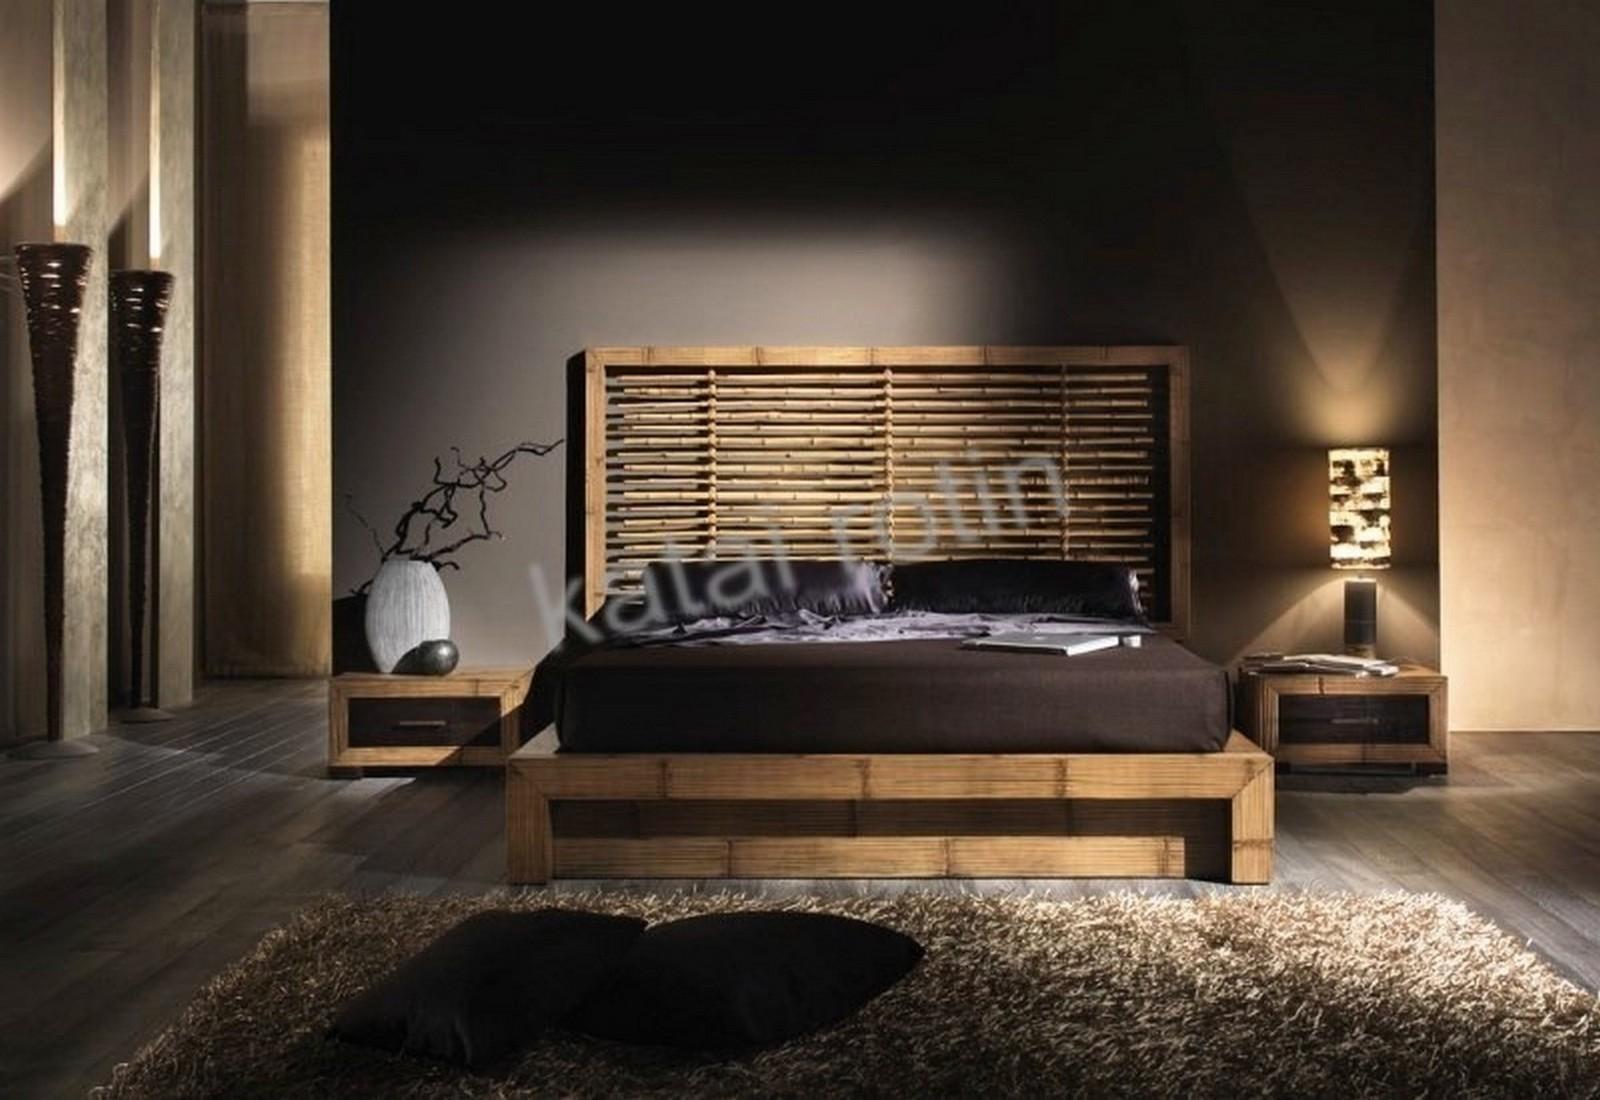 Chambre à coucher en bambou bicolore, mobilier complet en bambou